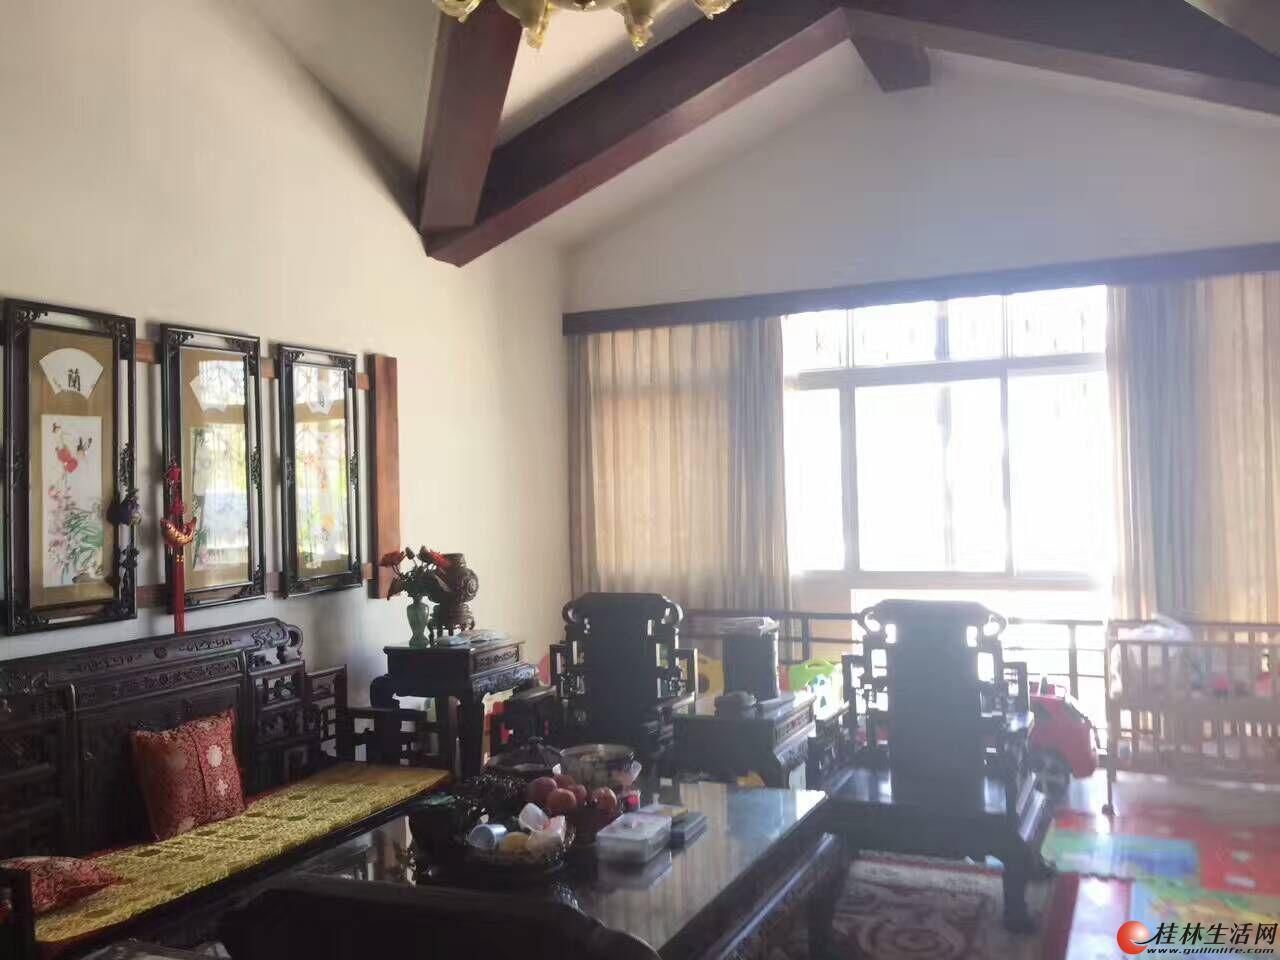 江景房虞山公园旁畔江花园稀缺房源180平米顶楼送阁楼+露台